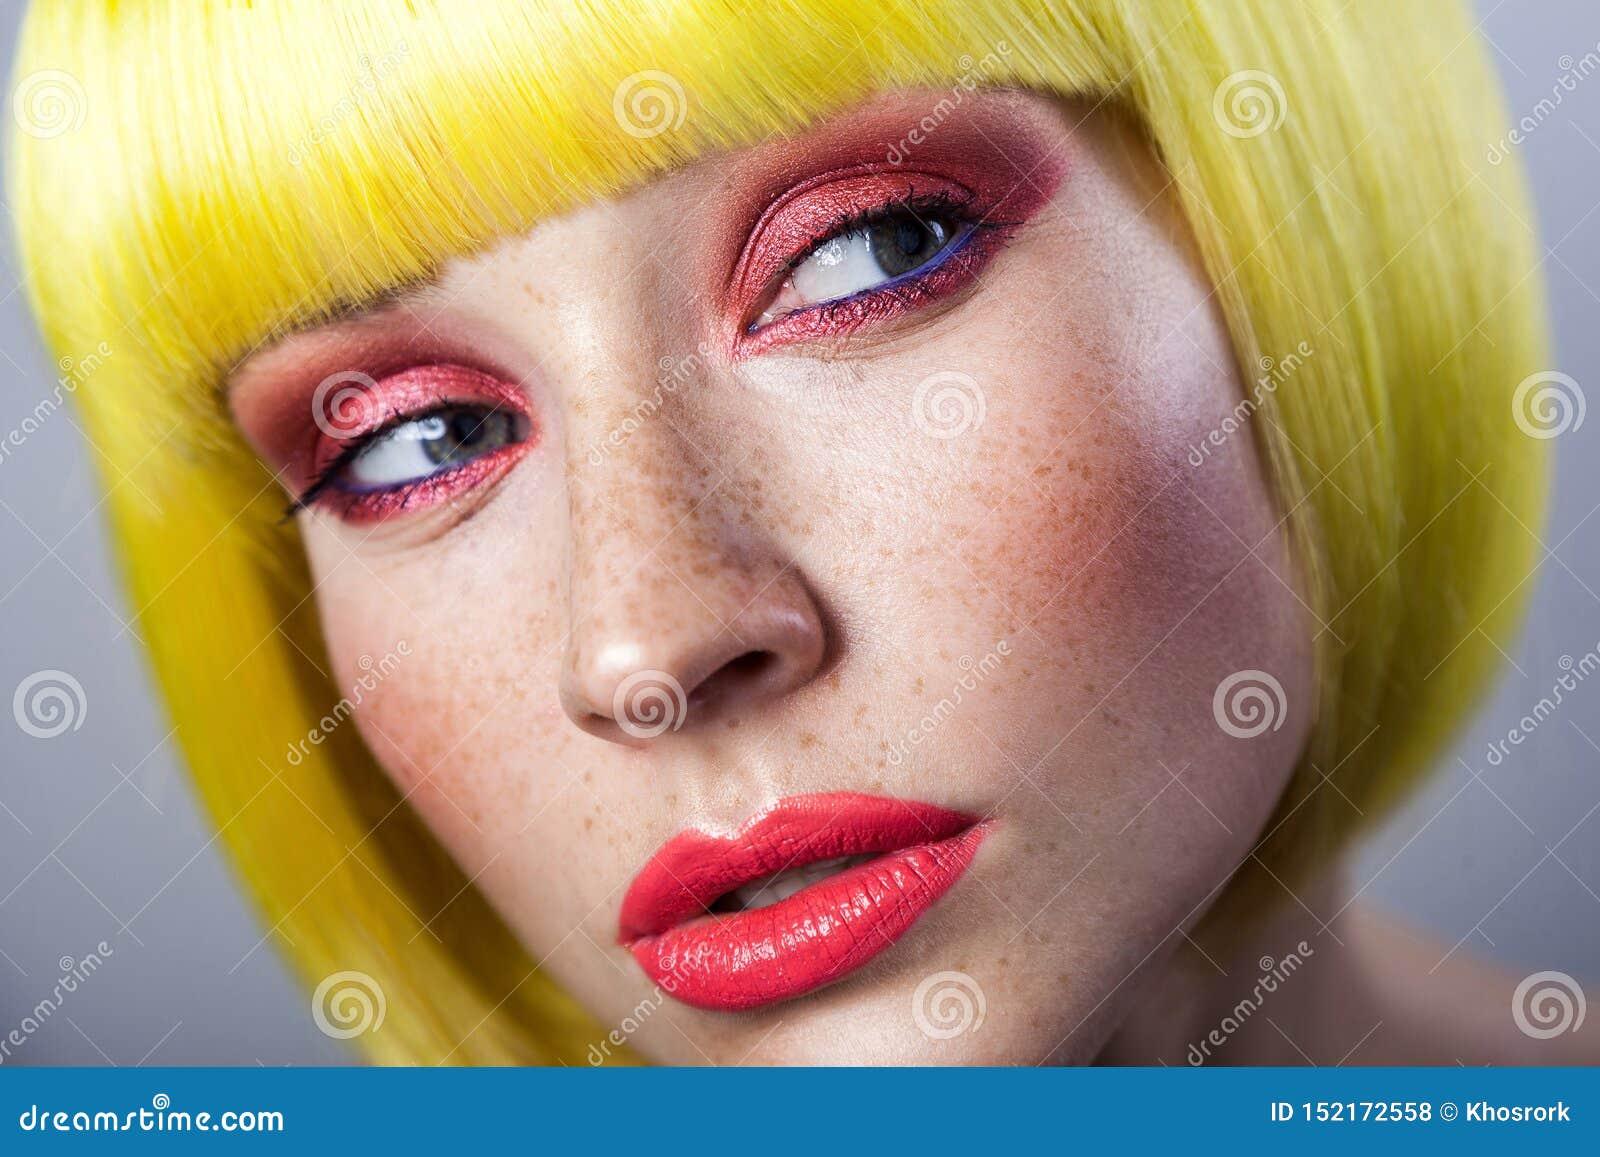 Portrait de beauté de jeune modèle femelle mignon avec des taches de rousseur, maquillage rouge et perruque jaune, regardant loin